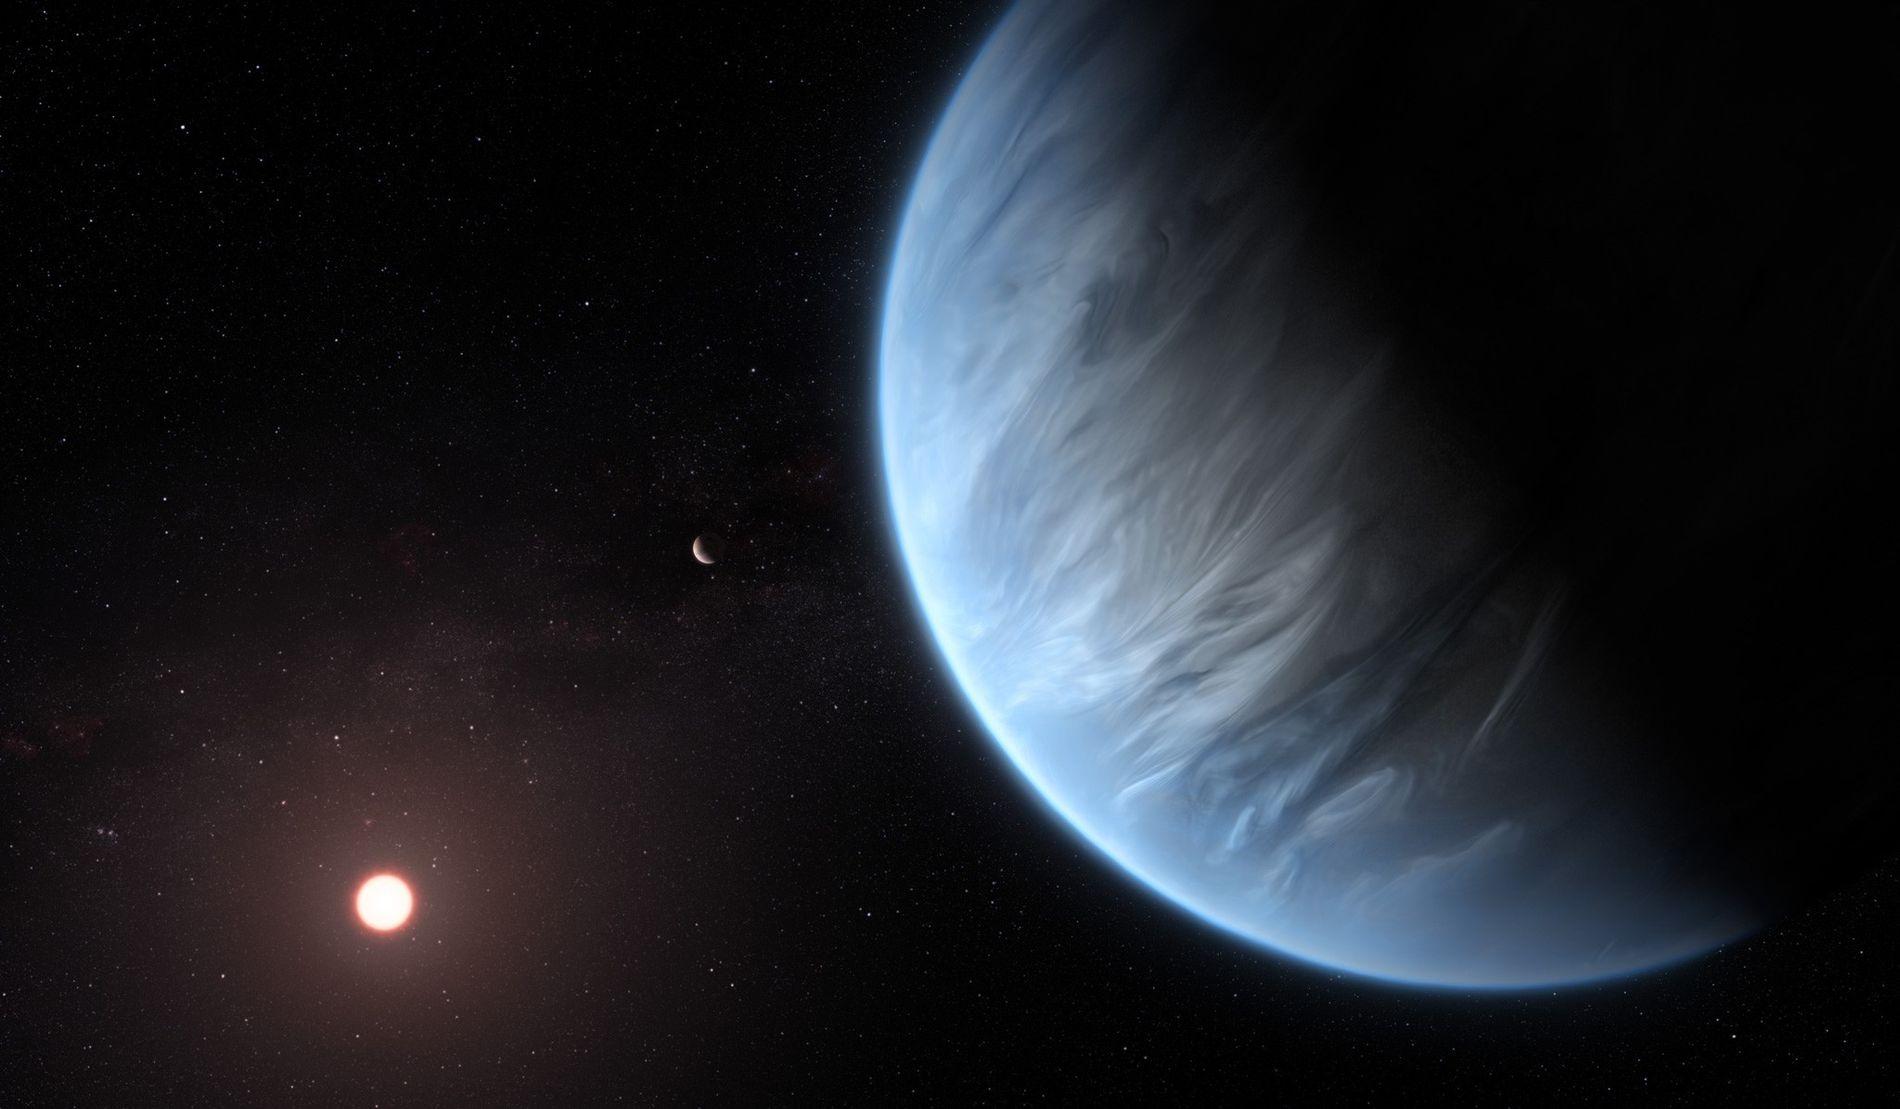 Dans cette illustration, la planète K2-18b obite autour d'une étoile rouge chaude. Cette exoplanète est la ...